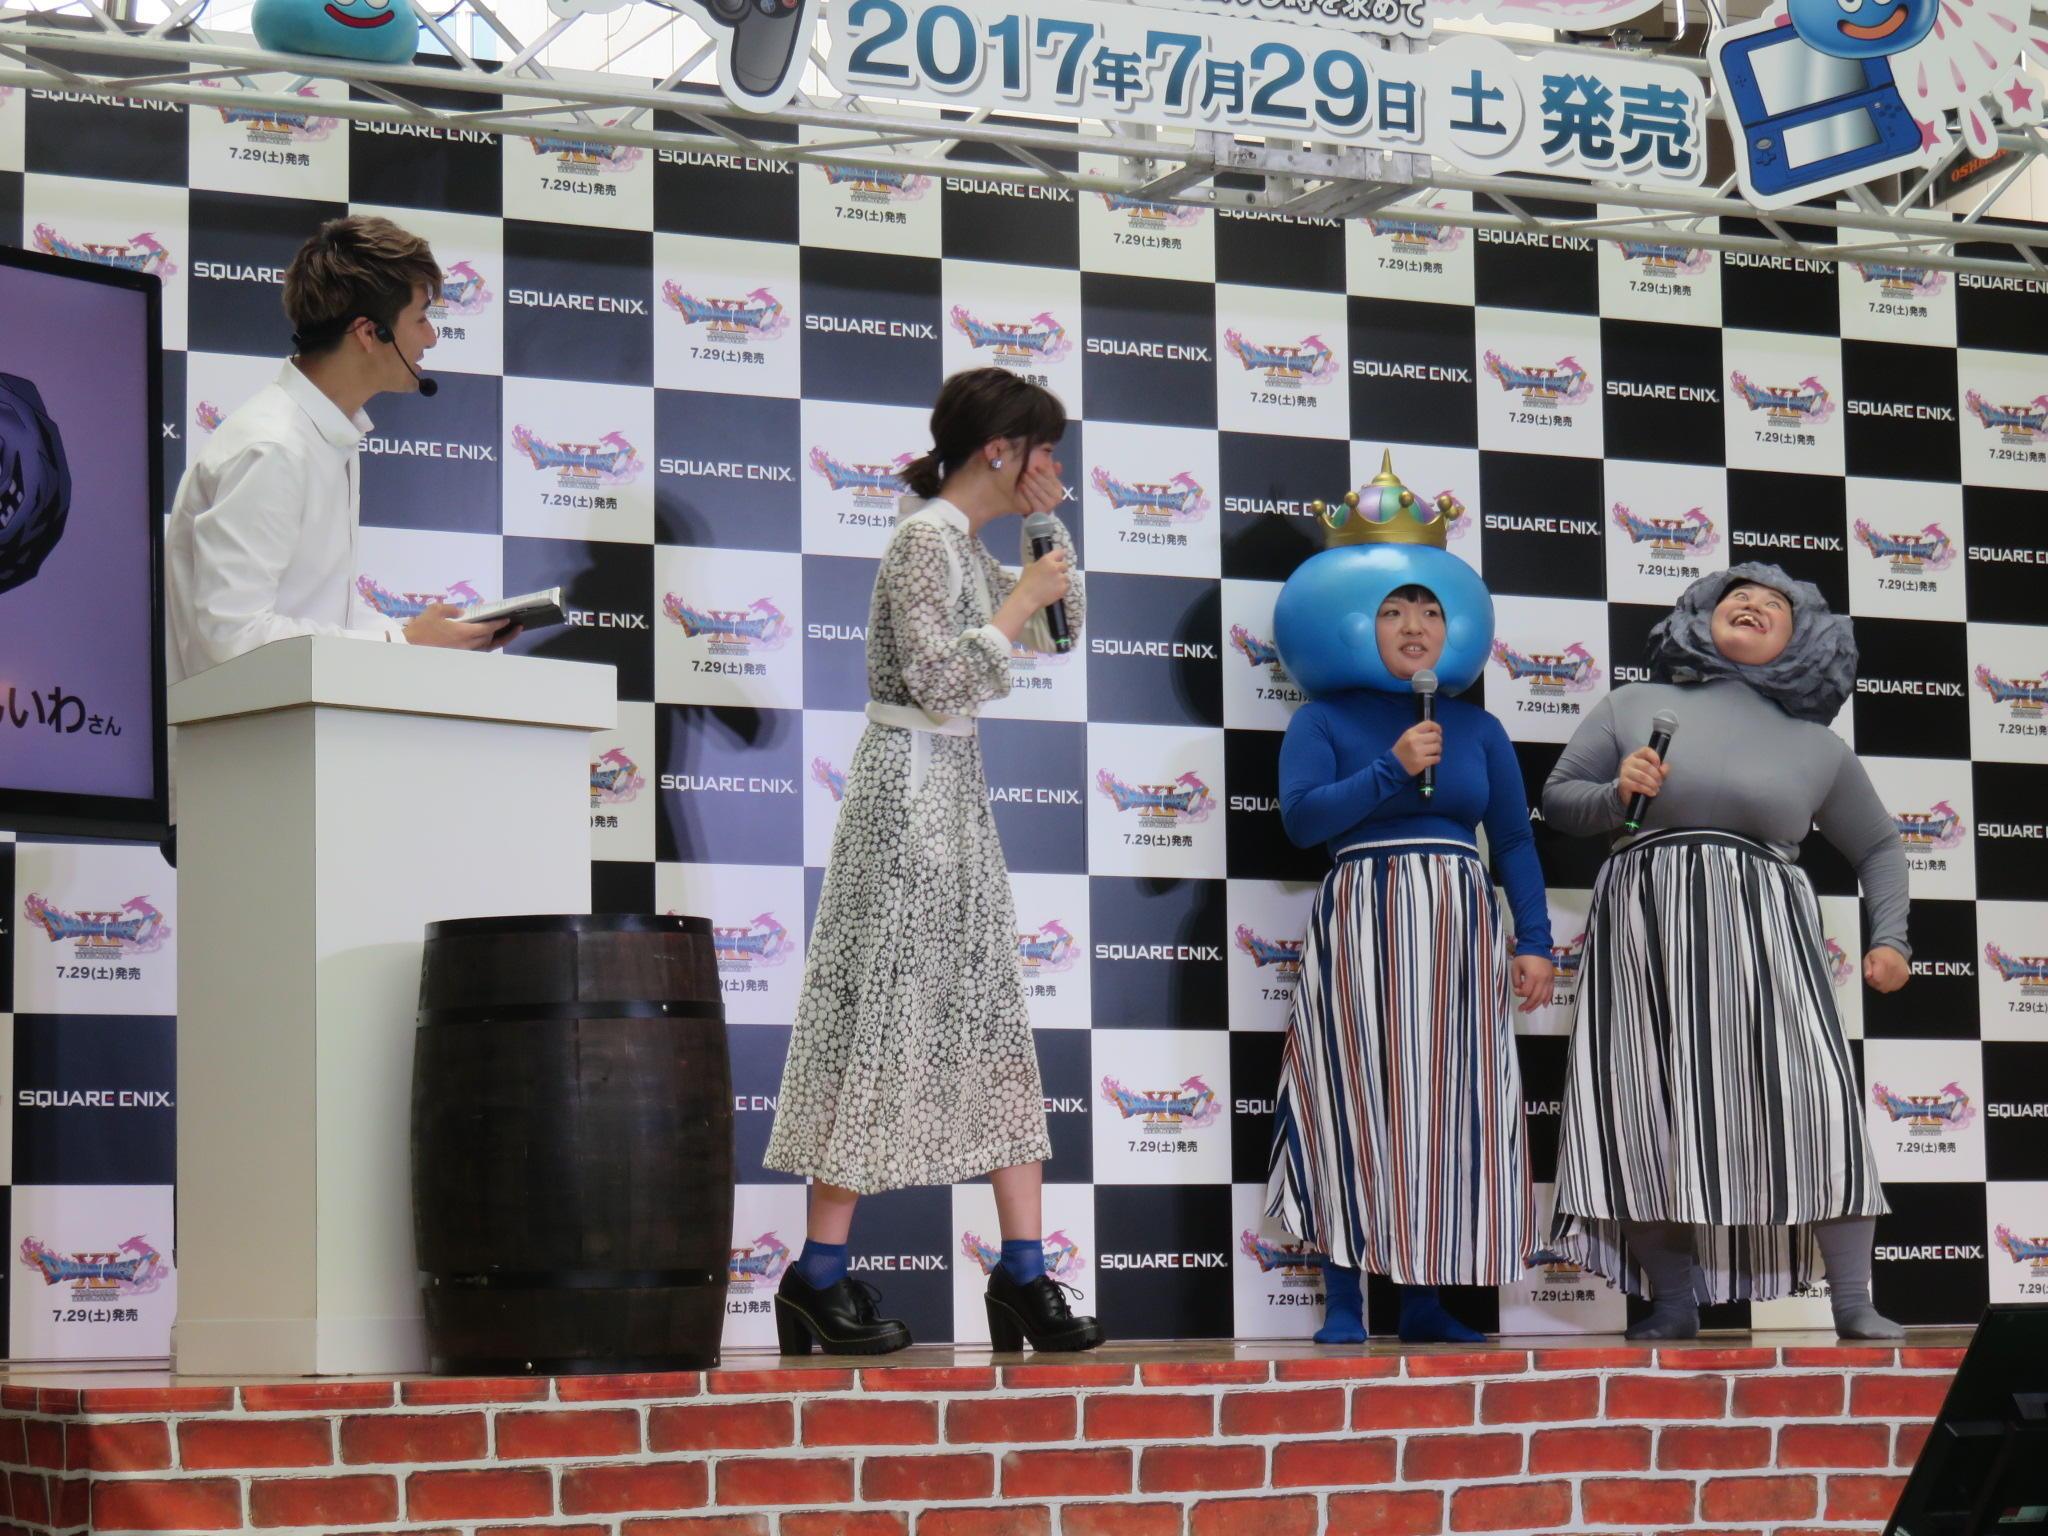 http://news.yoshimoto.co.jp/20170717230210-8bd9b017a3810f4e3ca6dbd163f4524173bd56d4.jpg